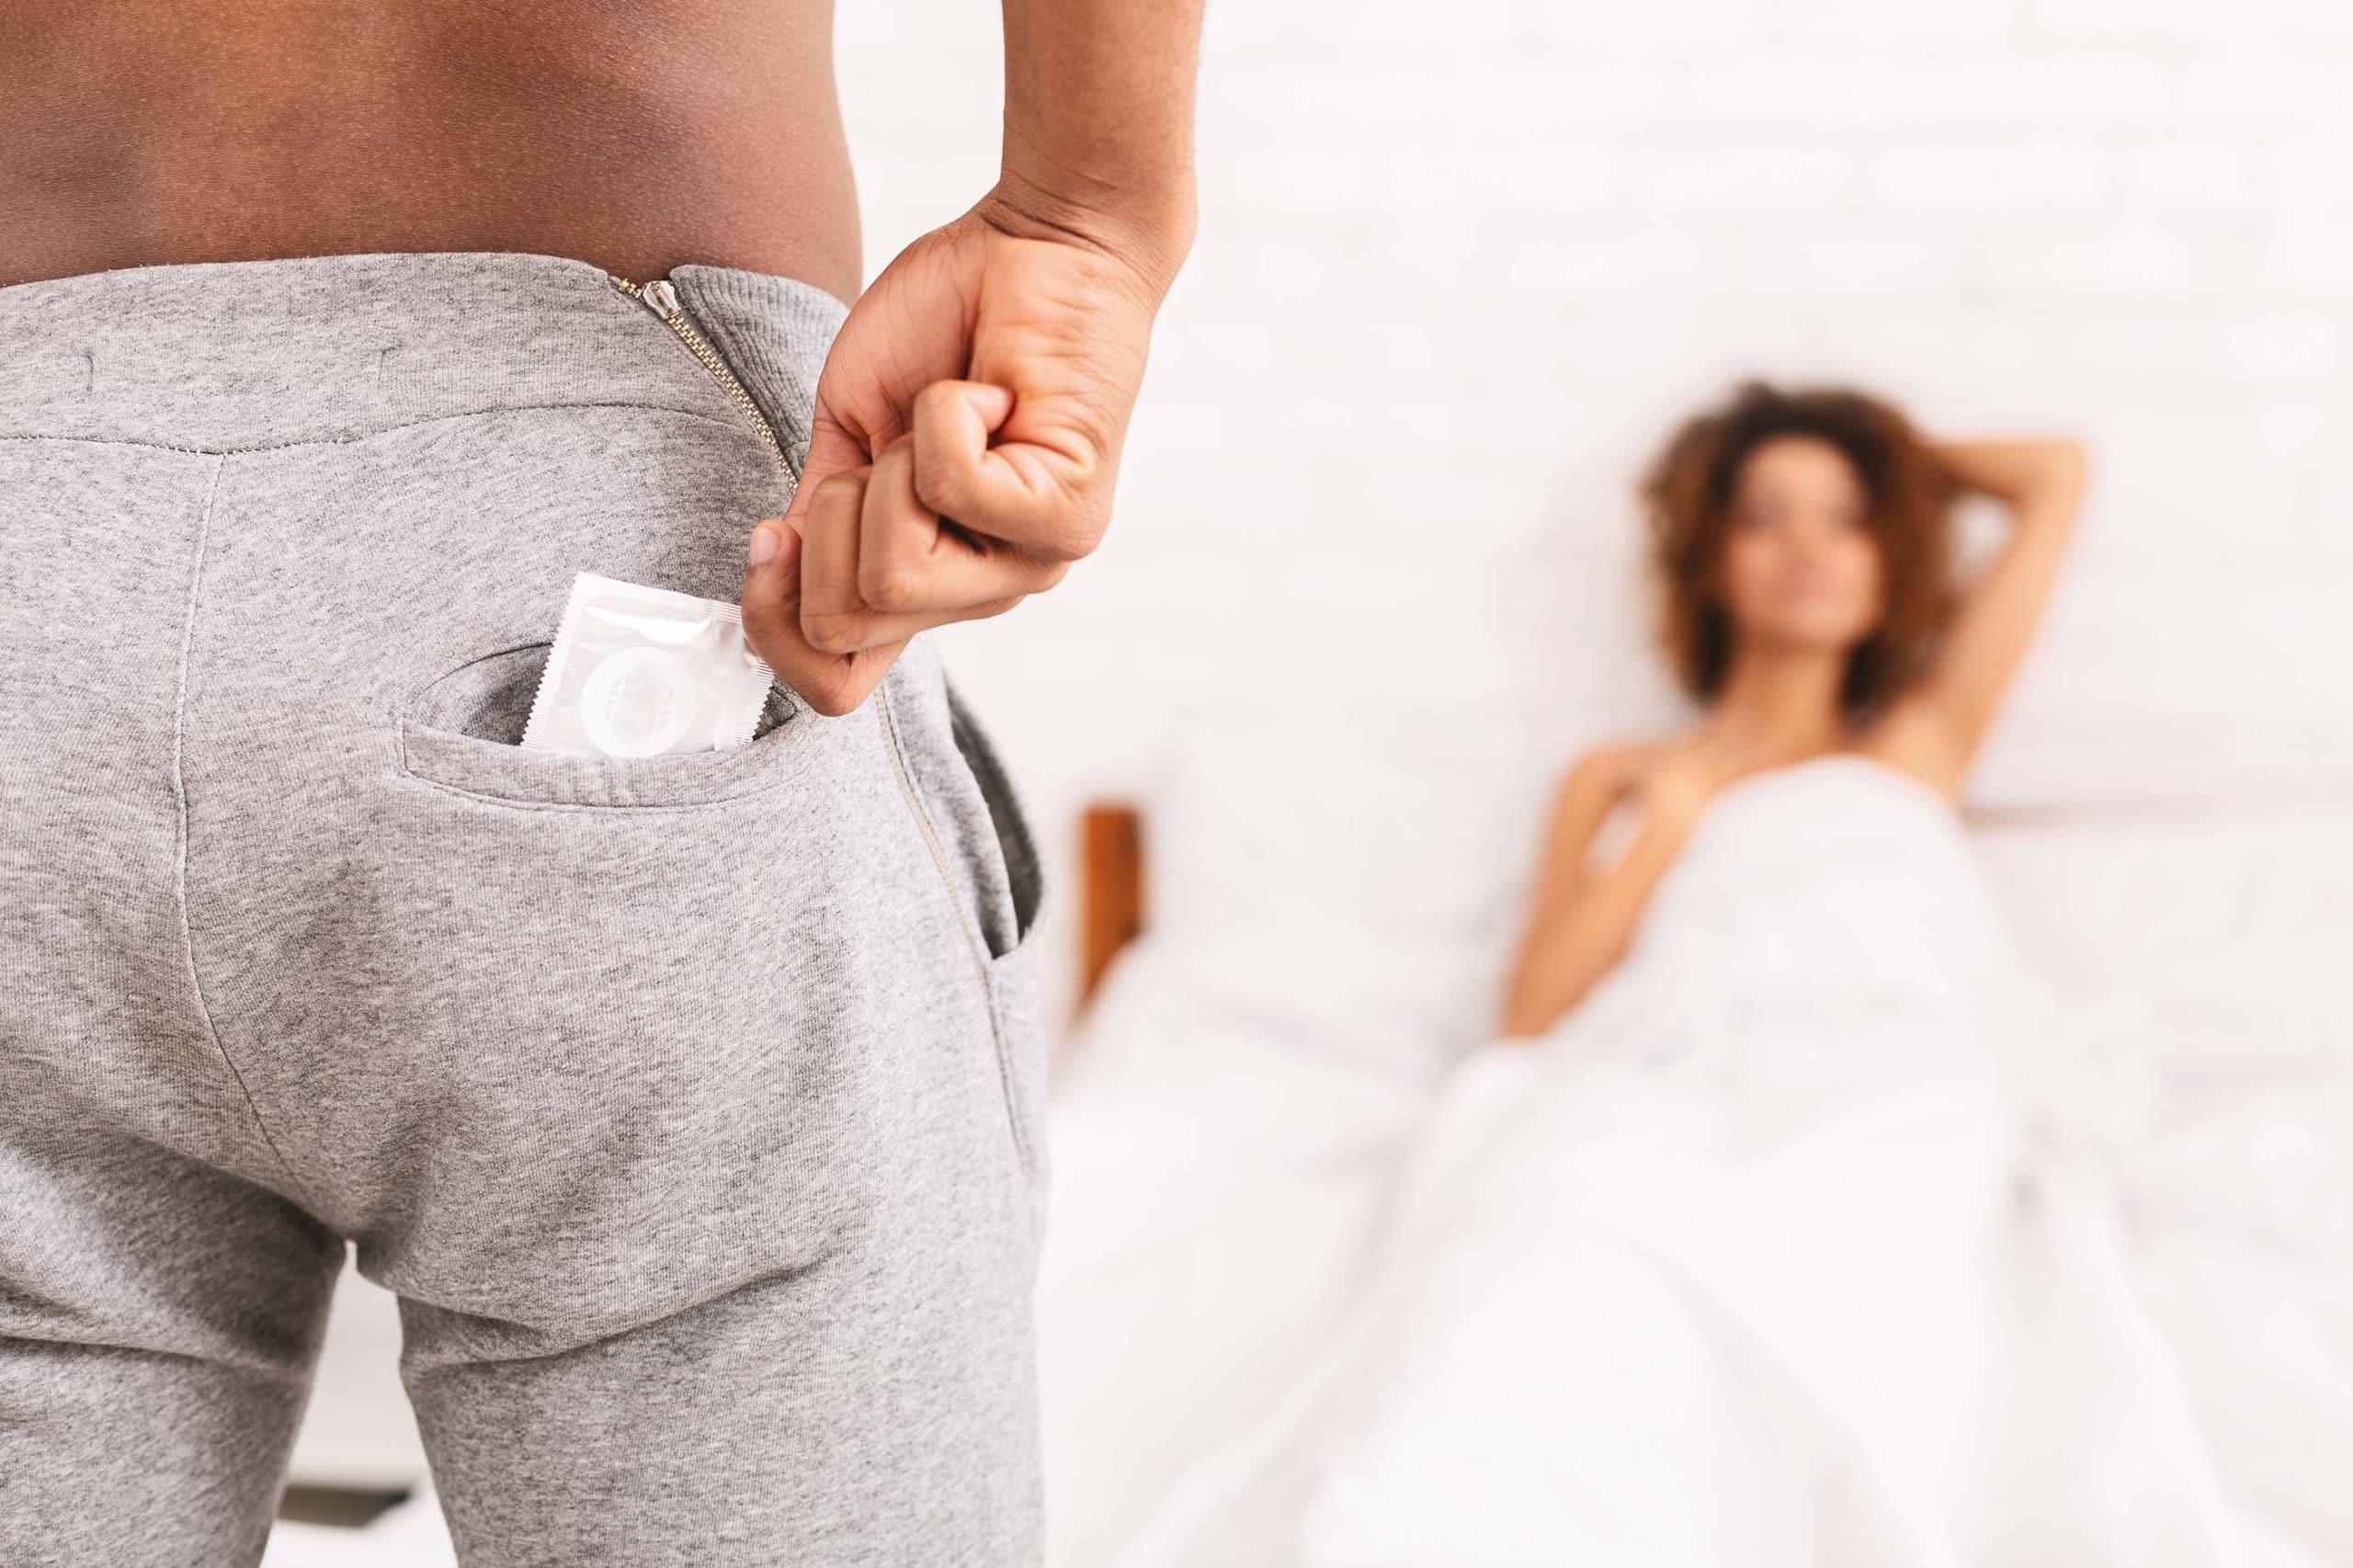 Sintomas mais frequentes de DSTs na mulher